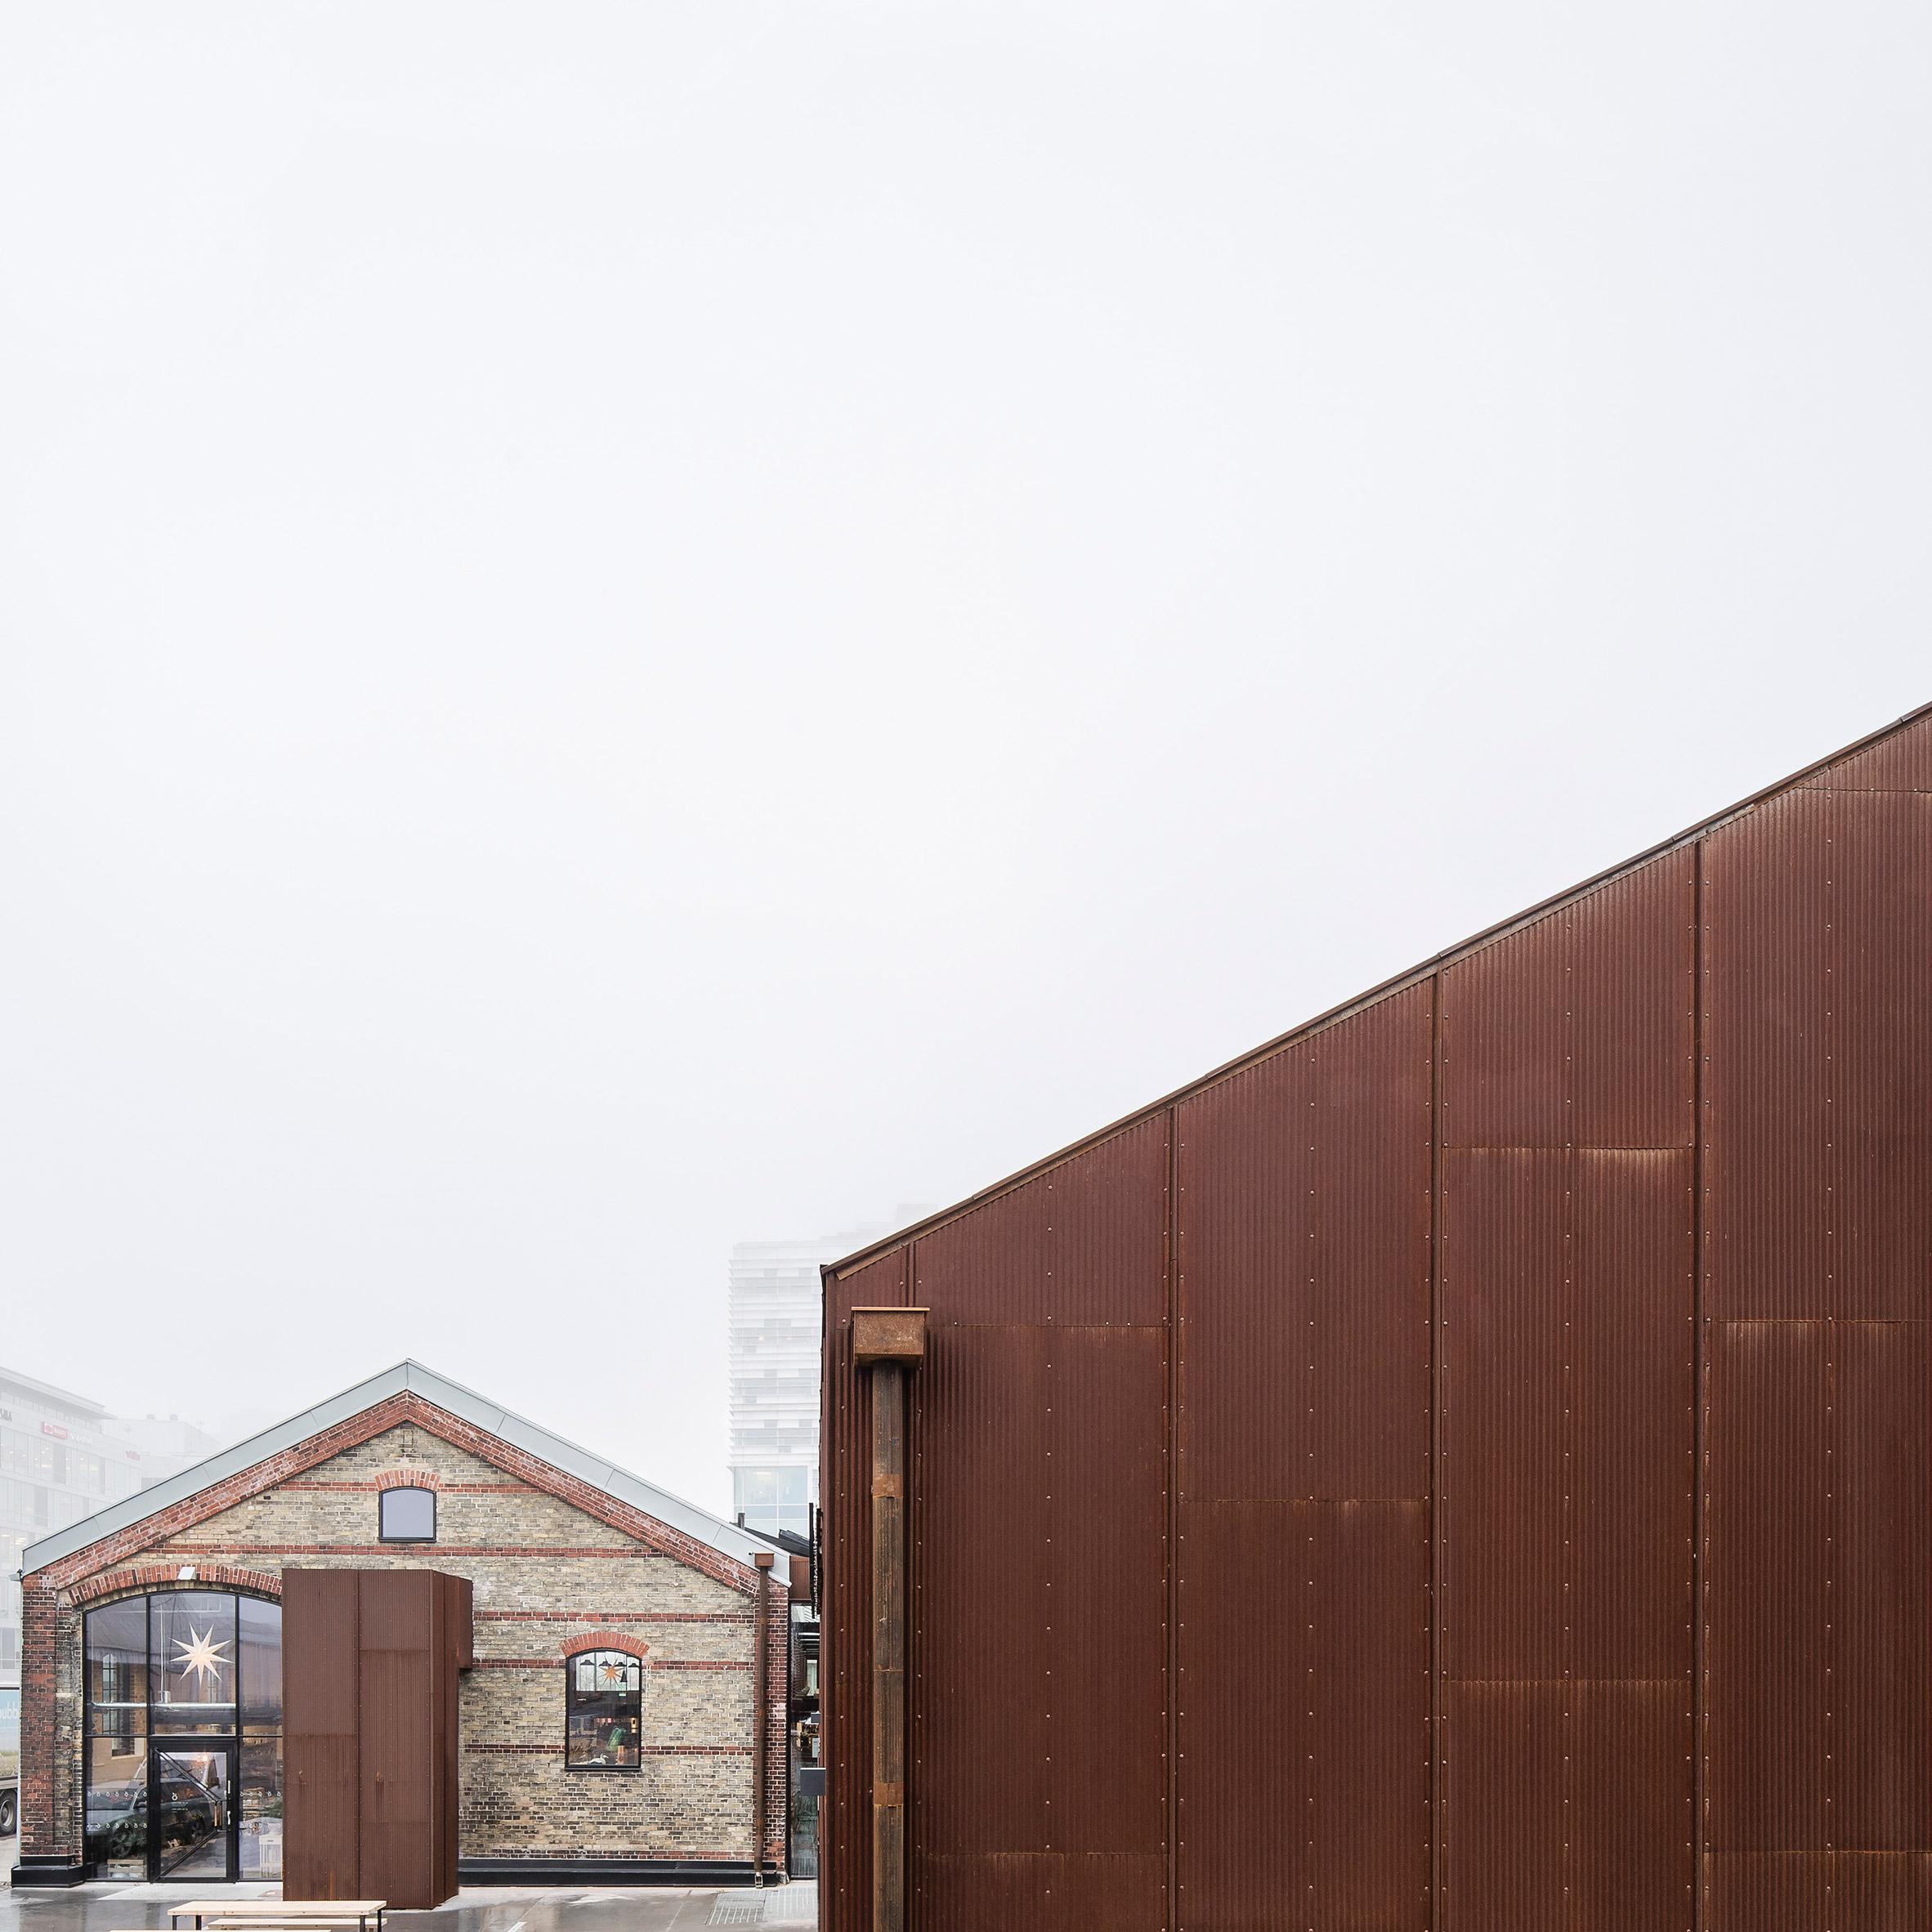 Corrugated metal | Dezeen